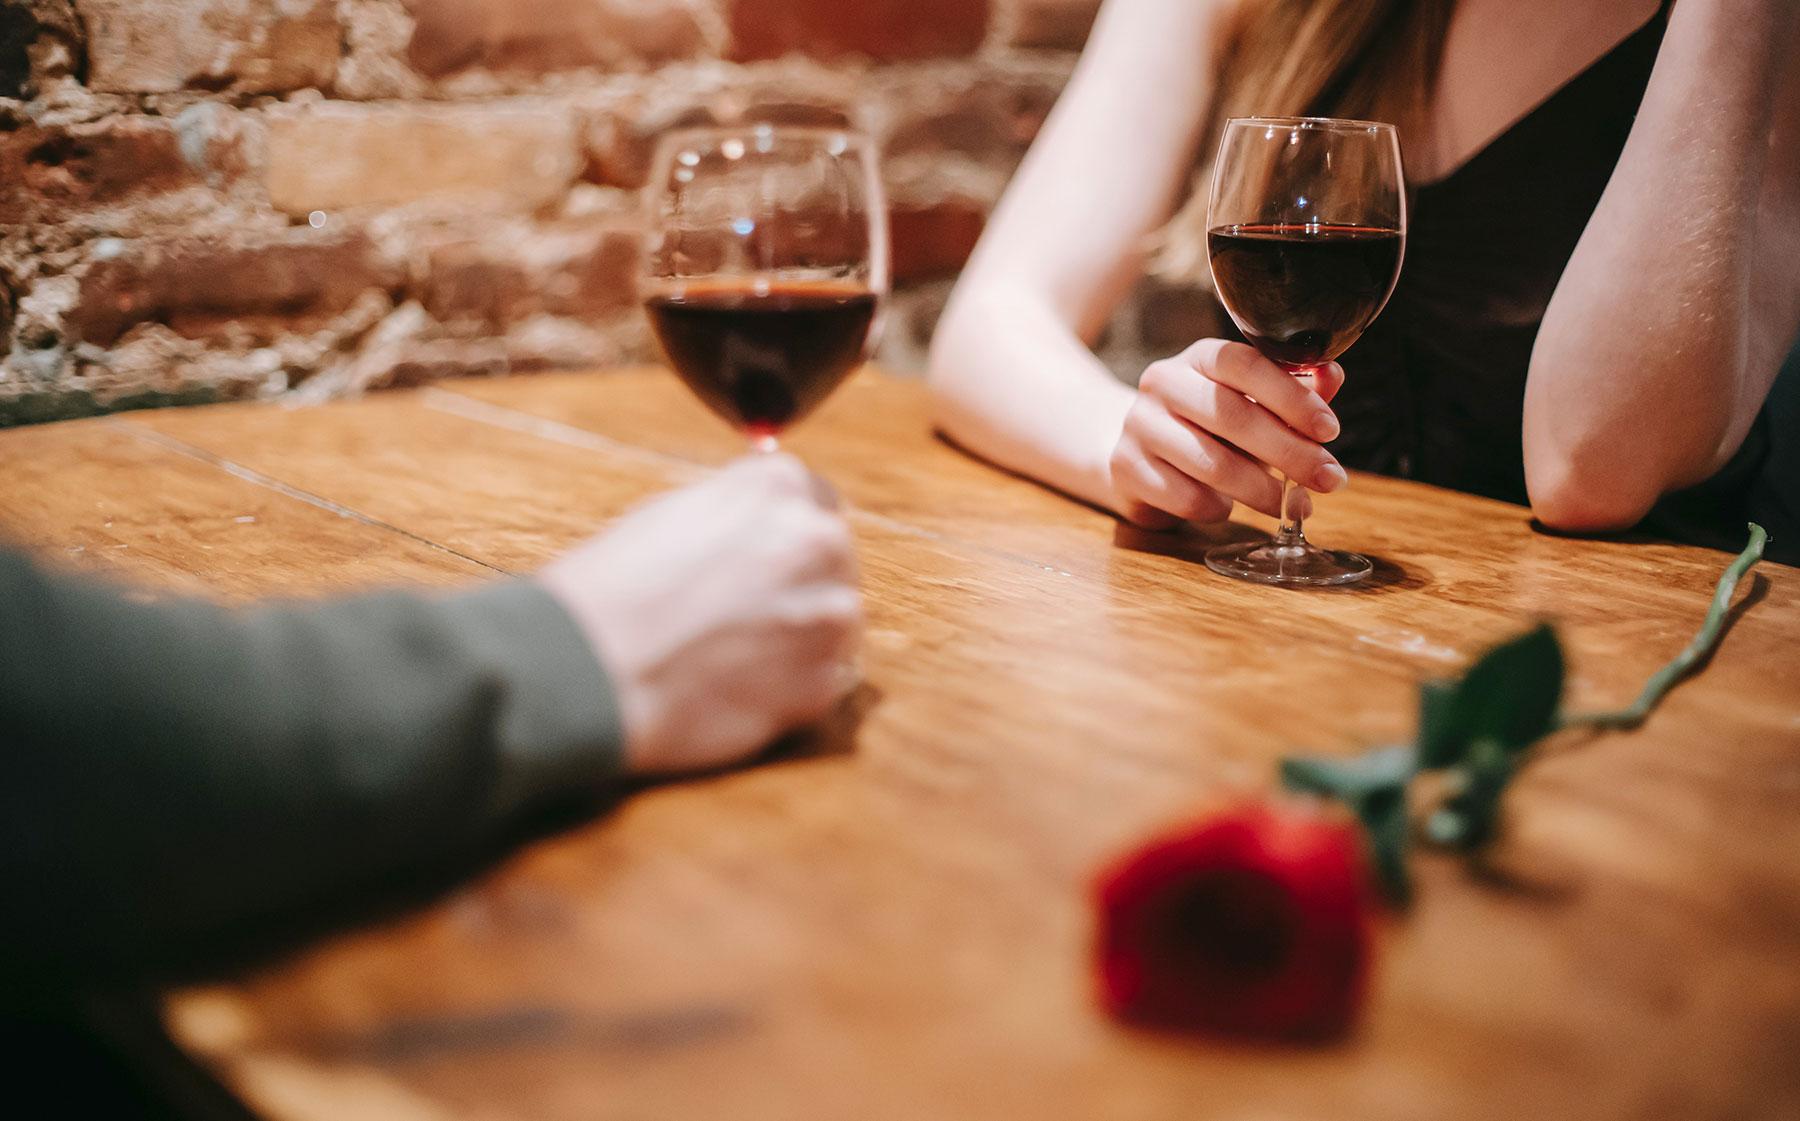 Algunos consejos para declarar el amor a esa persona especial